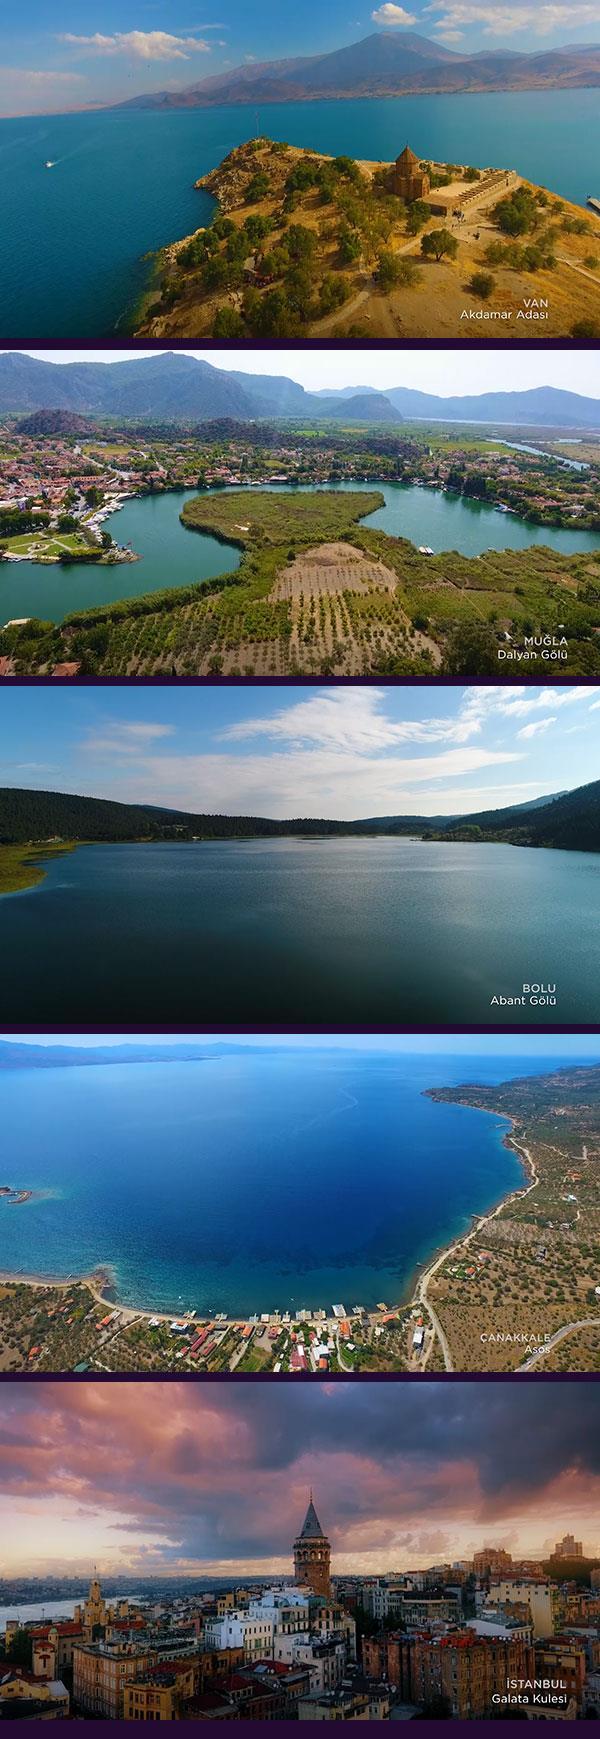 Kuş Bakışı Türkiye panoraması muhteşem görüntüler eşliğinde artık Digiturk radyo kanallarında